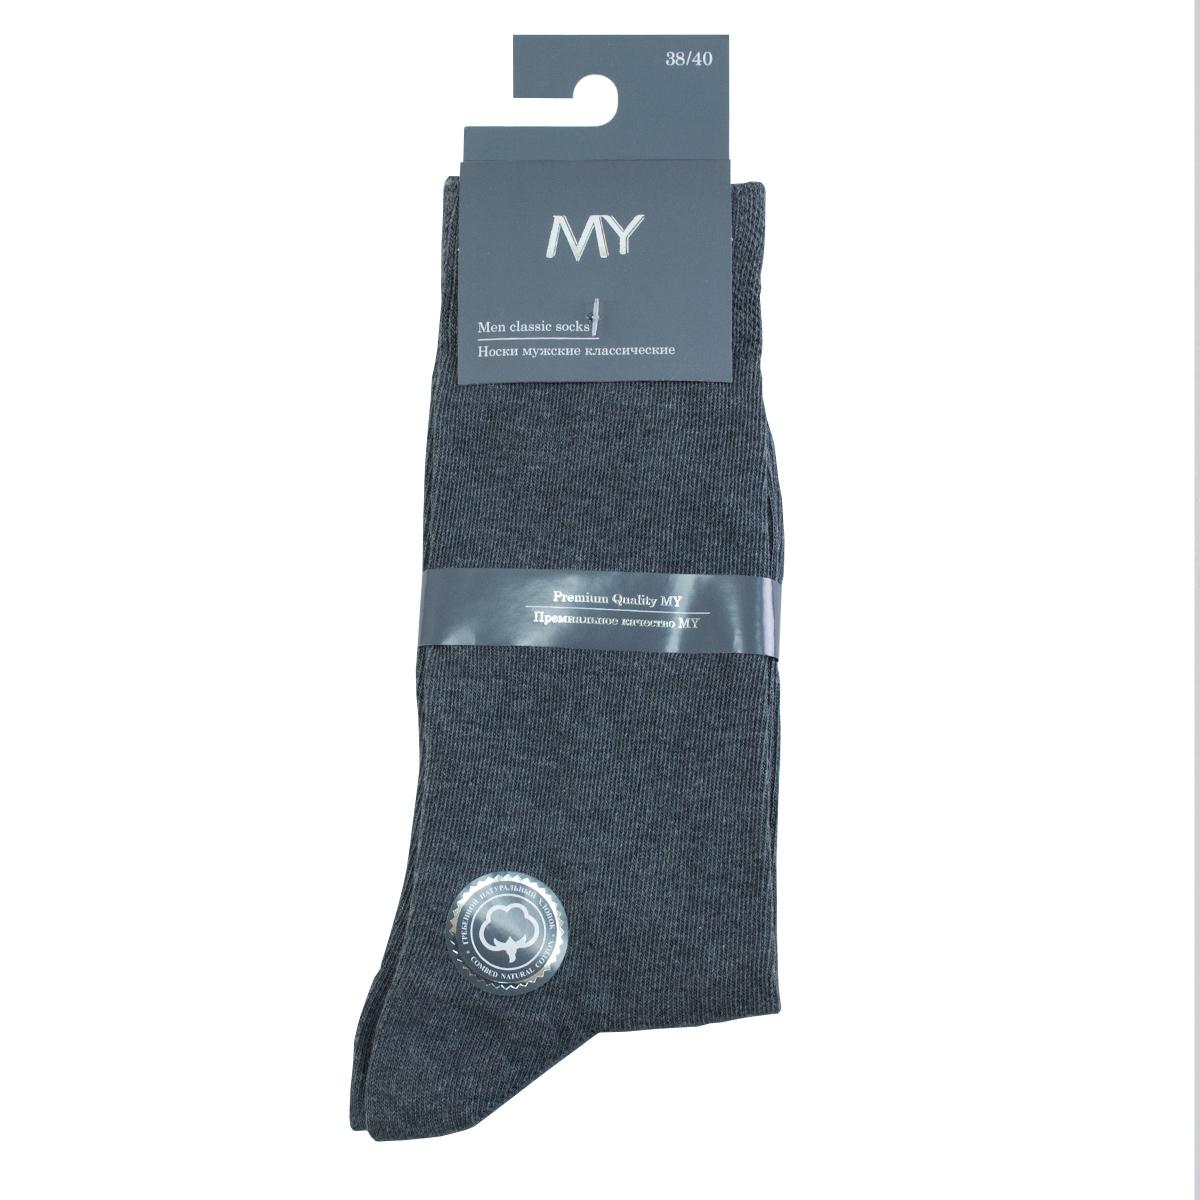 Носки мужские Mirey, цвет: темно-серый. MSC 001. Размер (41/43)MSC 001Классические плотные мужские носки от Mirey выполнены из хлопка с эластаном. Усиленный мысок и пятка, двойная структурная резинка, плоский шов.